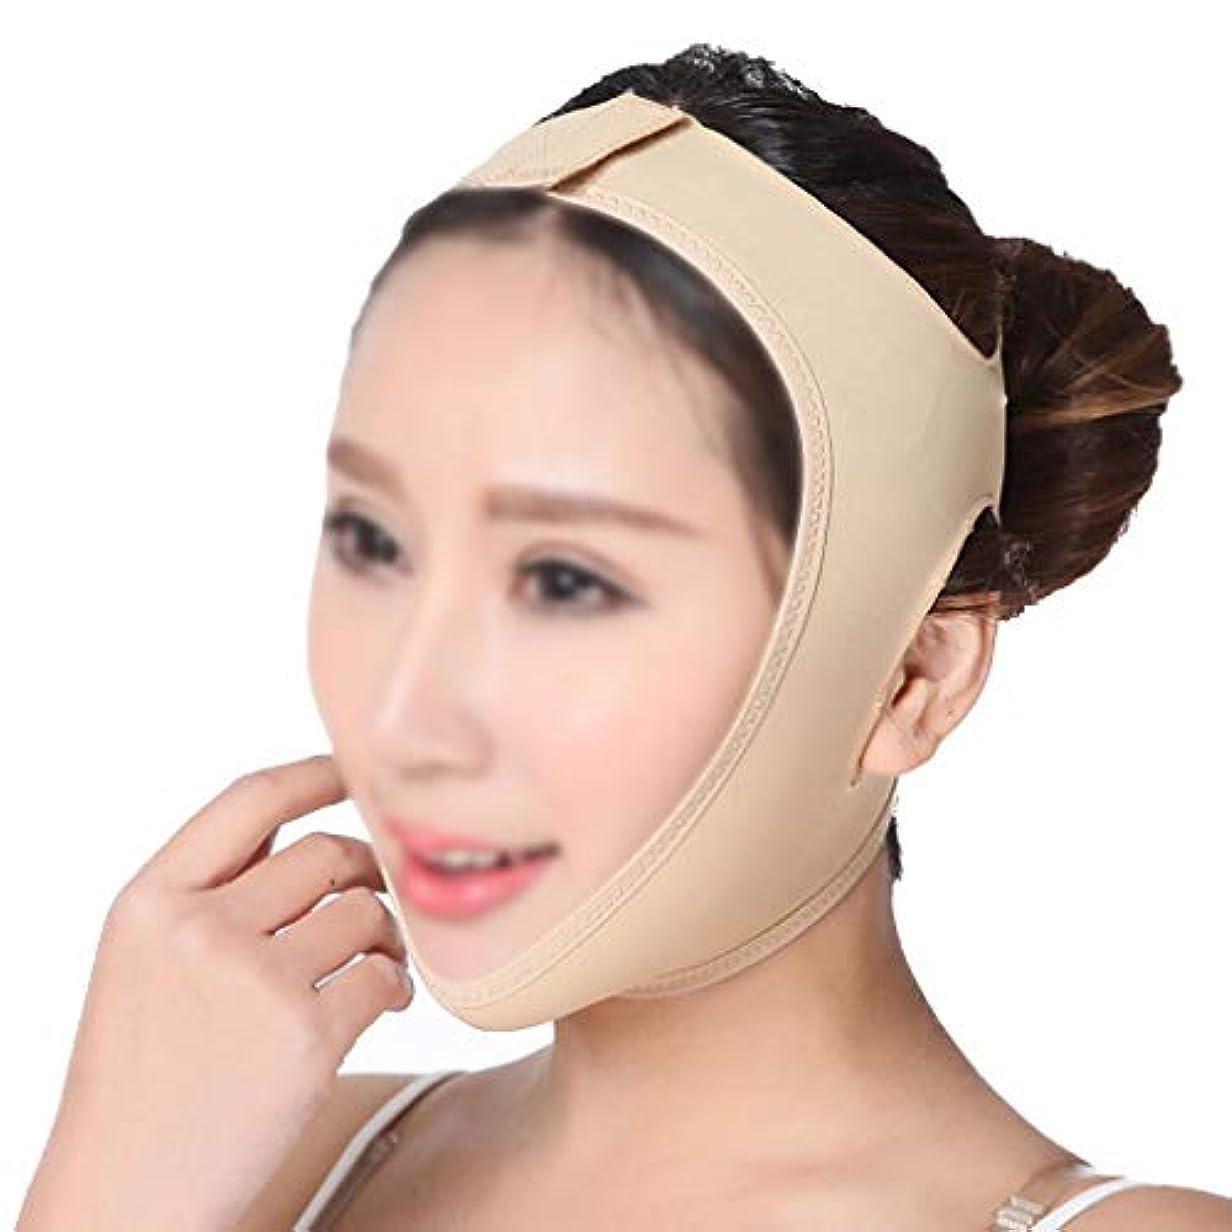 フルーティー王室引き算薄い顔包帯顔スリム二重あごを取り除くVラインの顔の形を作成するあごの頬リフトアップ抗しわを持ち上げるベルトフェイスマッサージツール (Size : S)